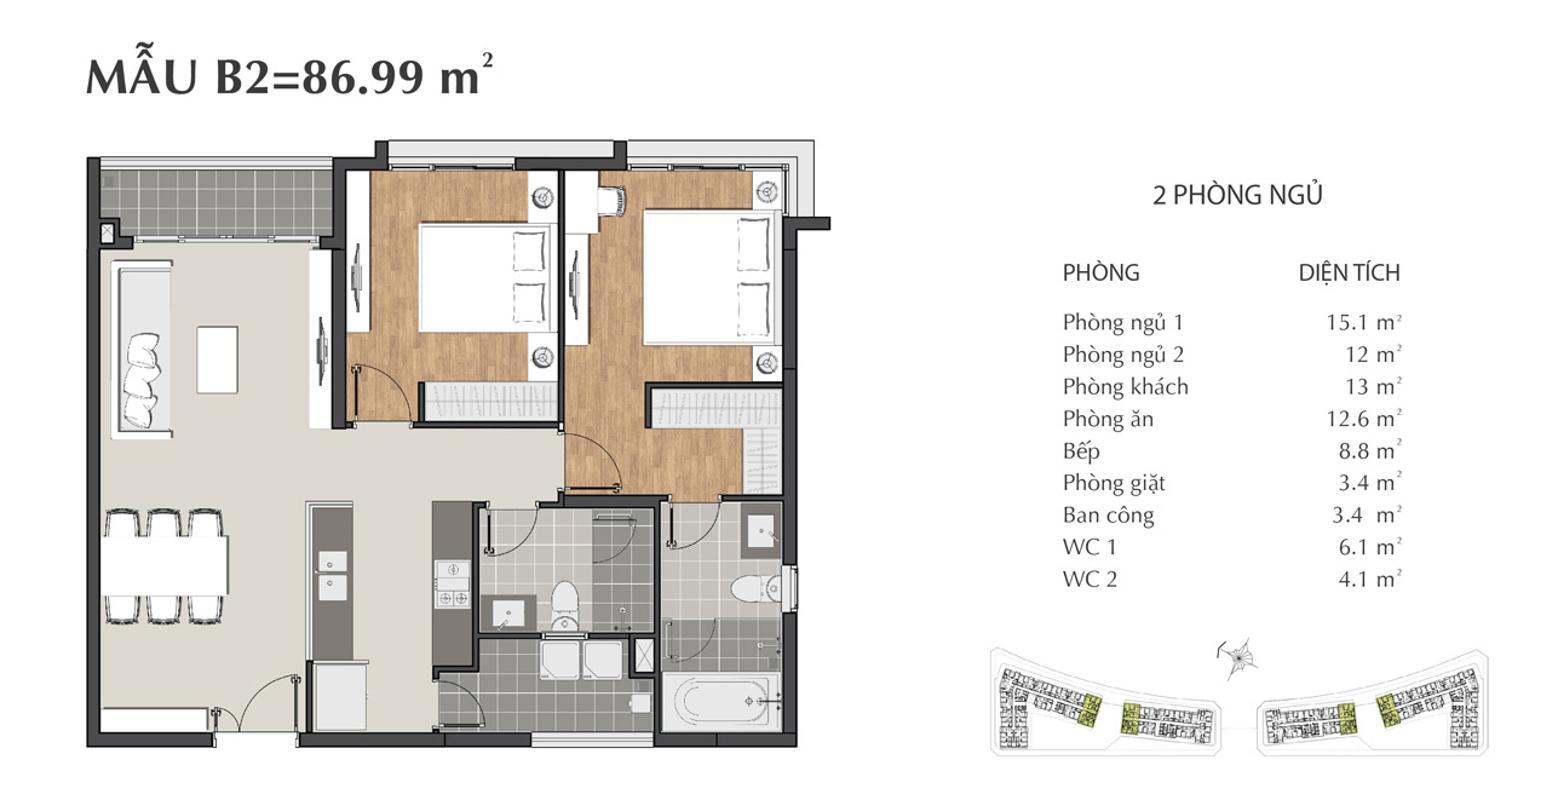 Căn hộ 2 phòng ngủ Sarimi B2 Bán căn hộ Sarimi Sala Đại Quang Minh 87m2, 2PN 2WC, nội thất tiện nghi